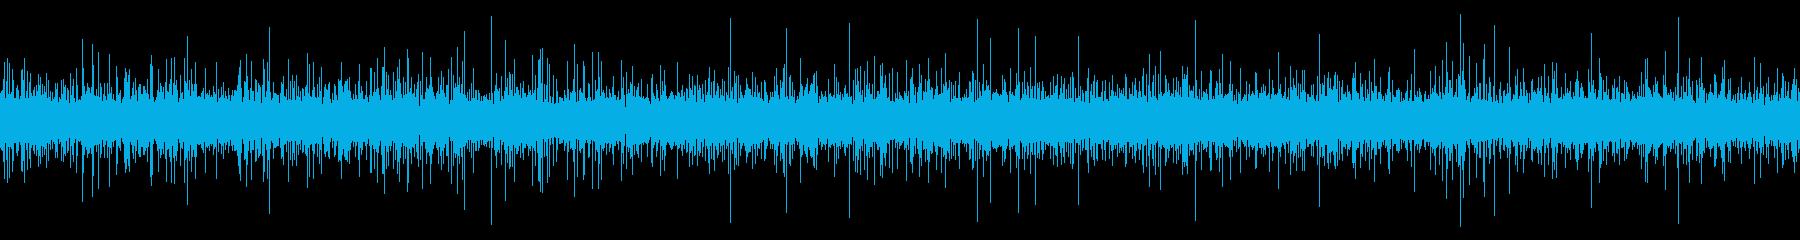 用水路の音【田舎、秋、昼】3 ループの再生済みの波形